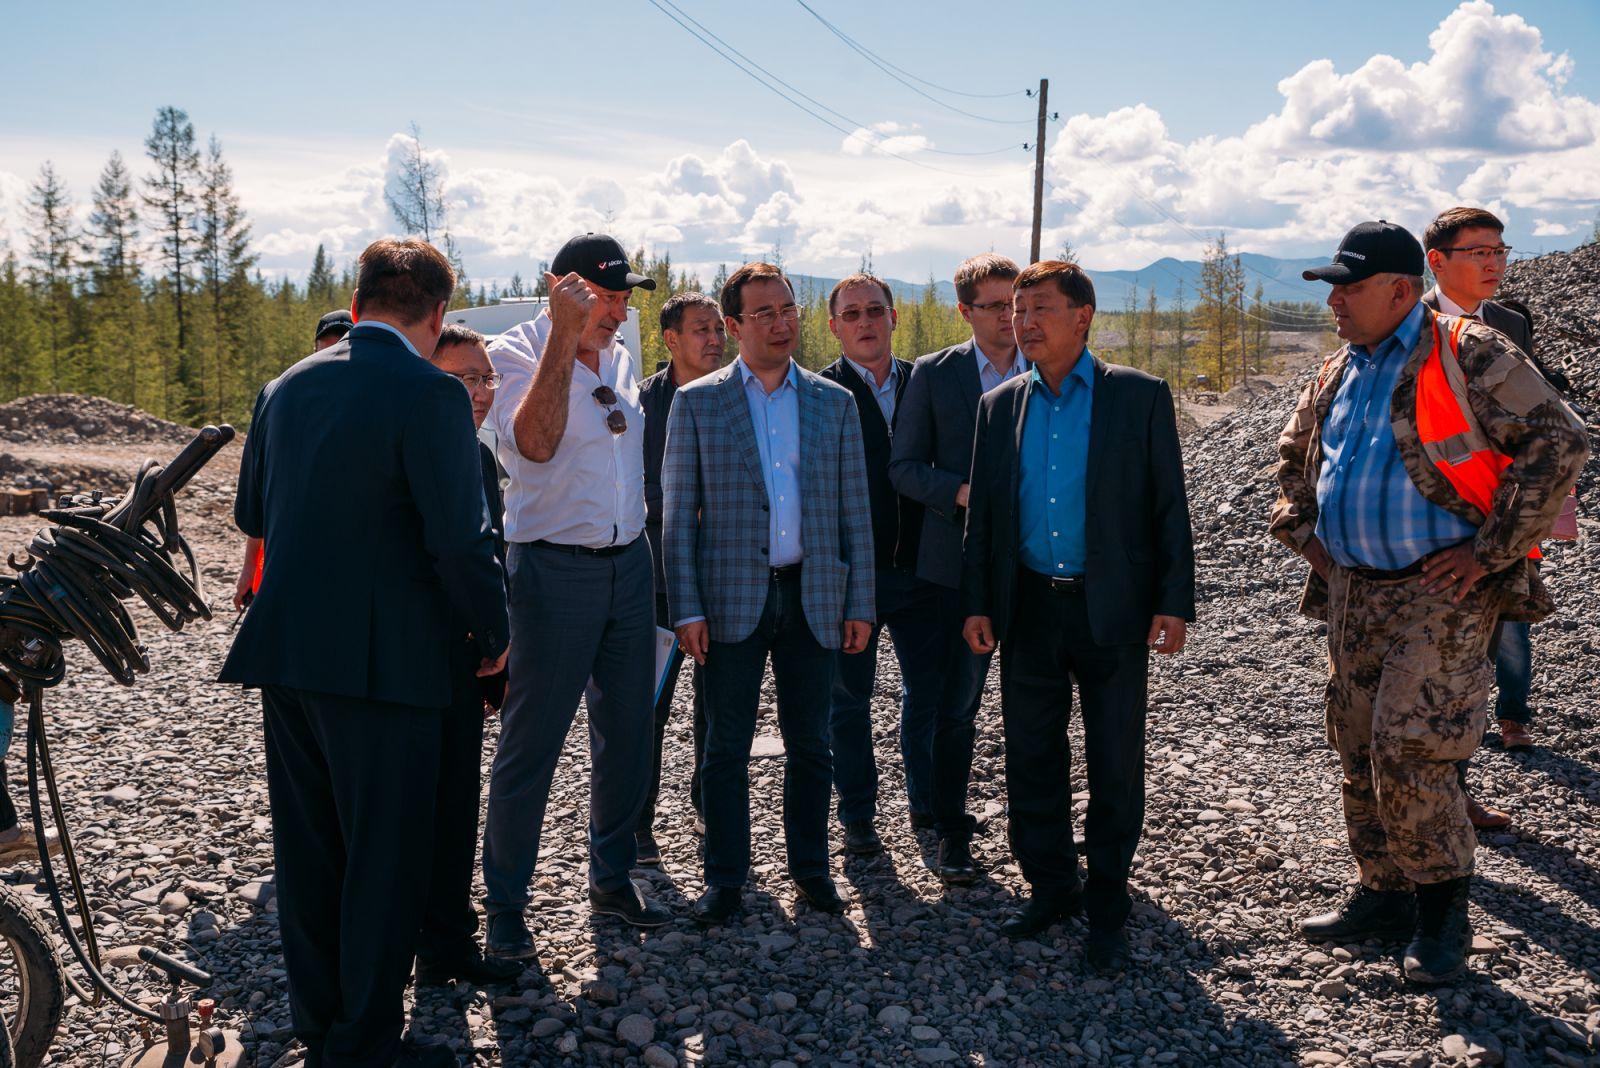 Айсен Николаев оценил перспективы развития золотодобывающей отрасли Оймяконского района